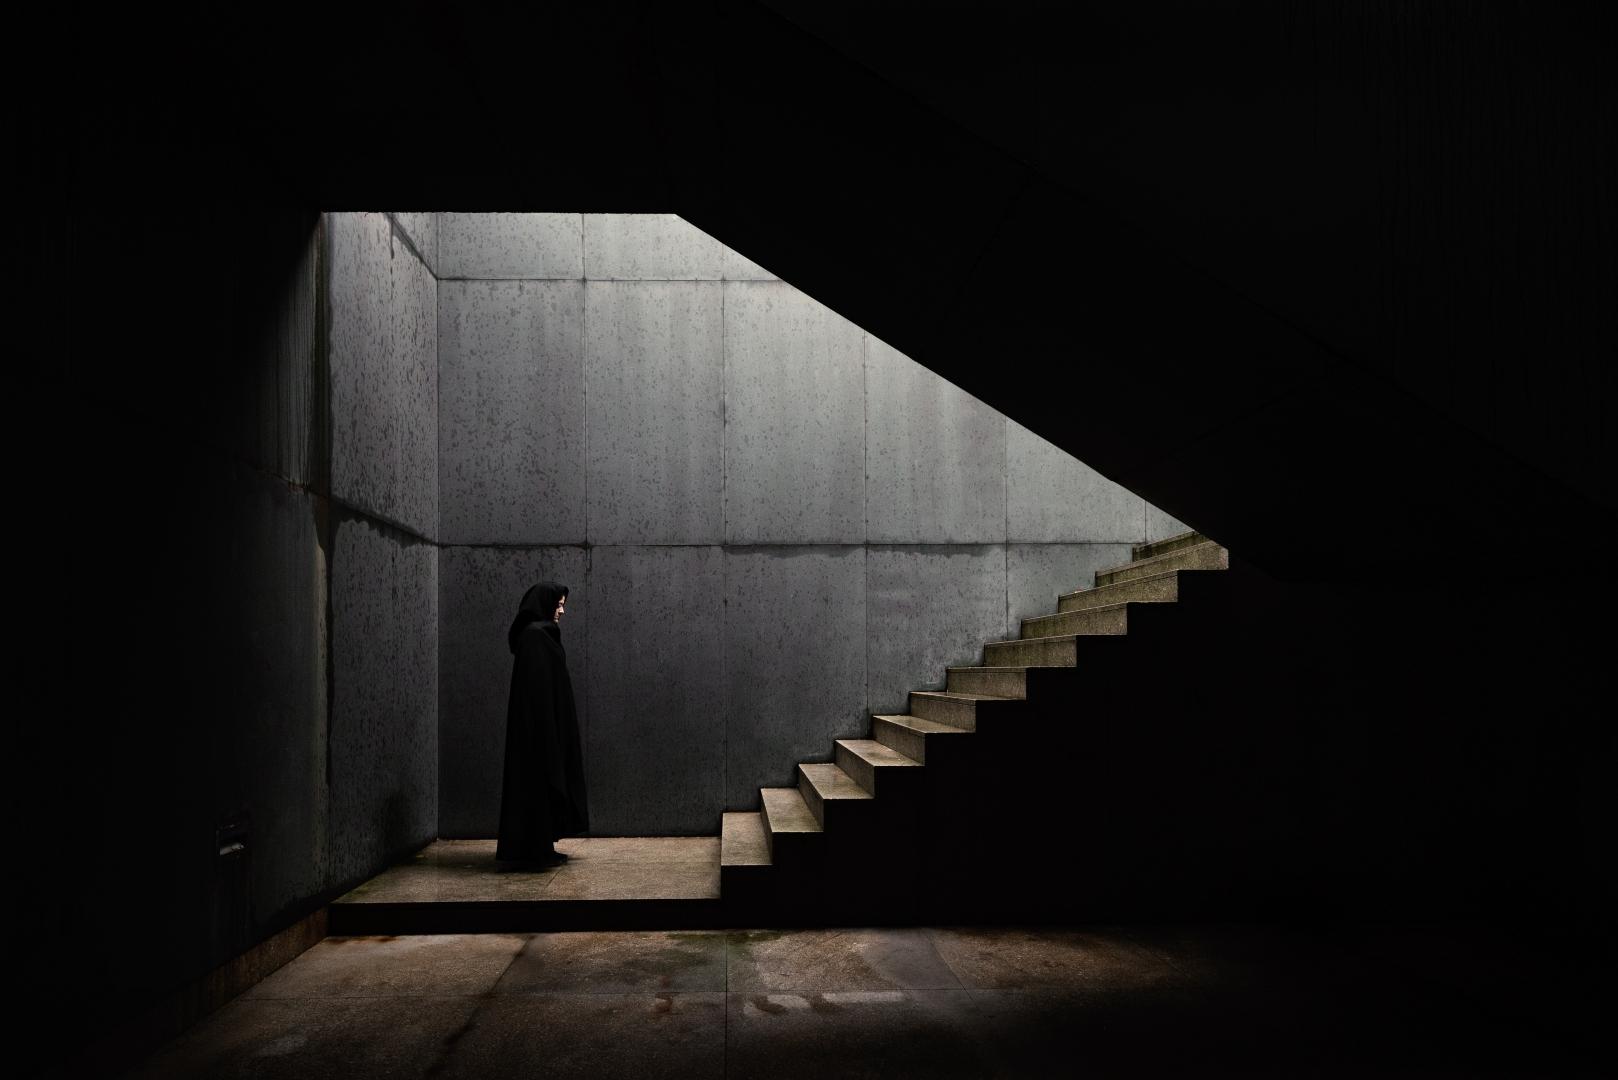 Paisagem Urbana/Staircase